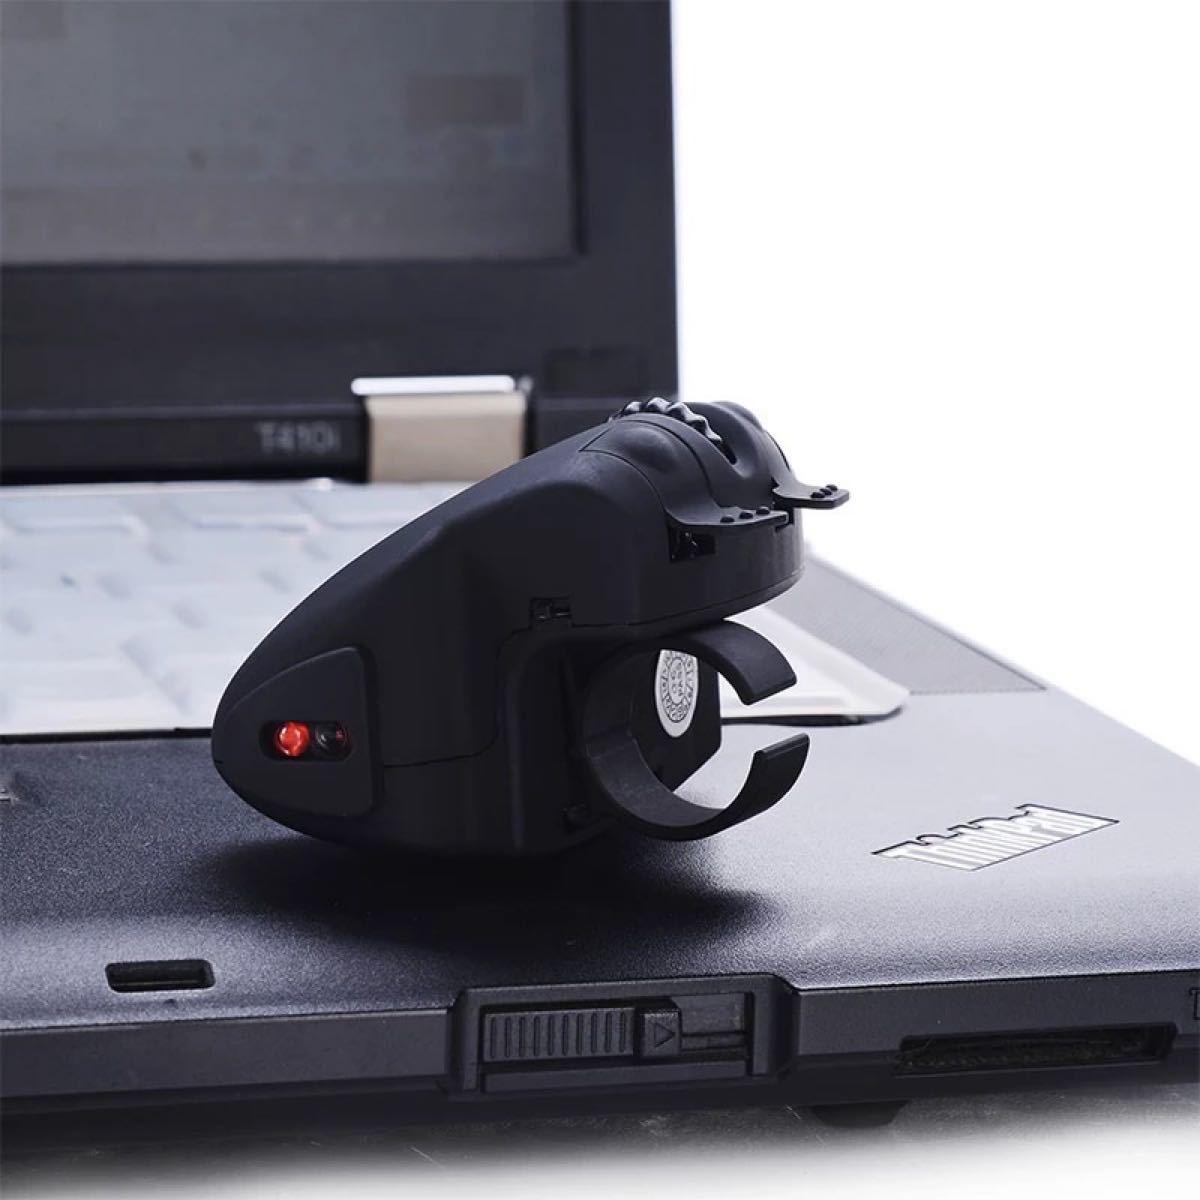 ワイヤレス指リングマウス充電式usbレーザーマウス光学式ポケットマウス